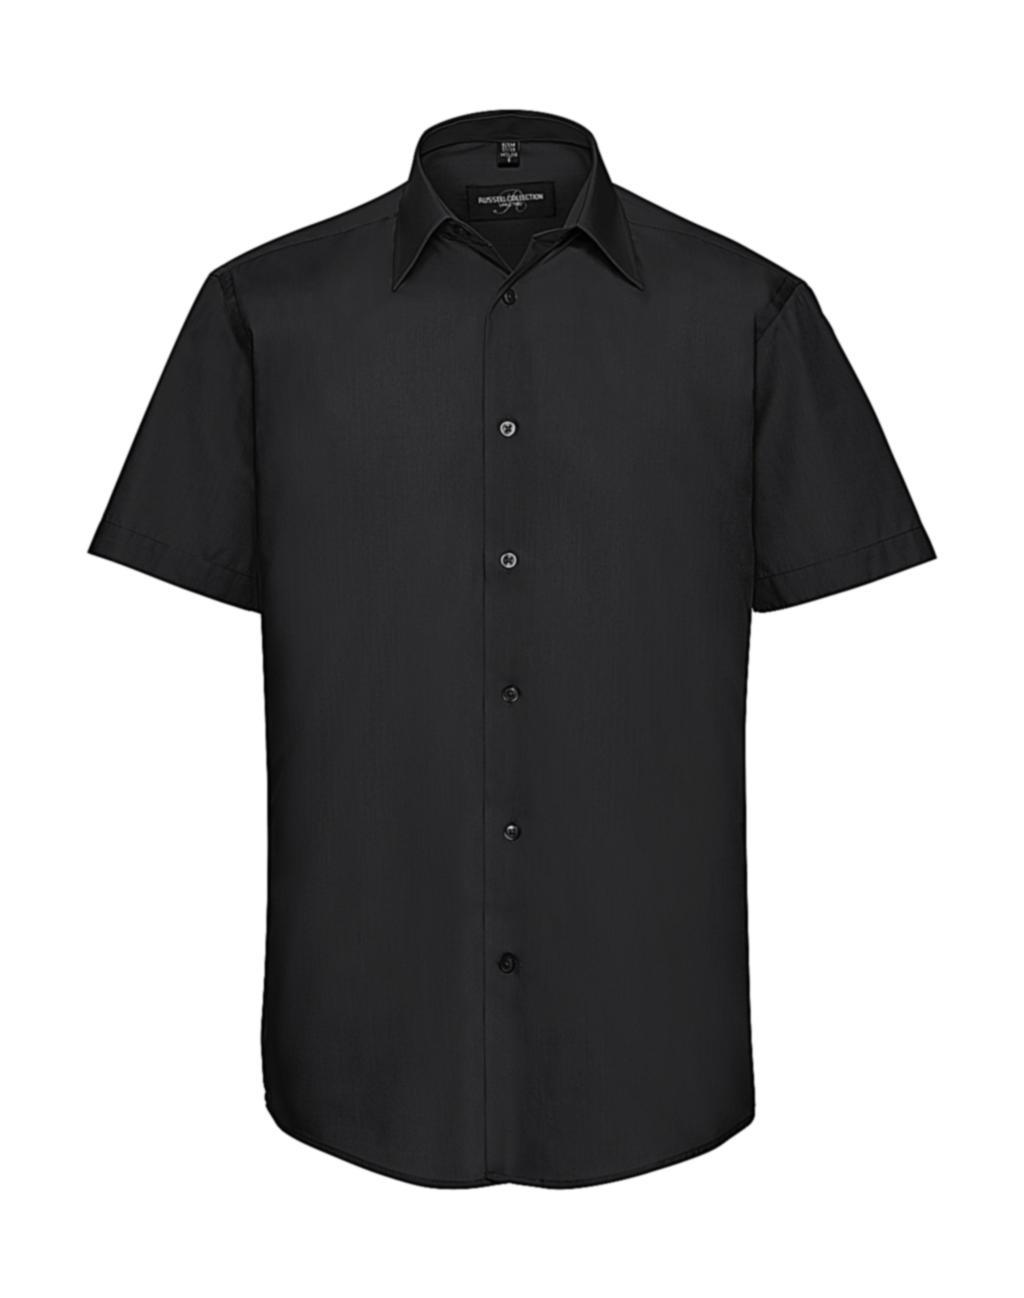 Pánská košile Poplin s krátkým rukávem - zvìtšit obrázek